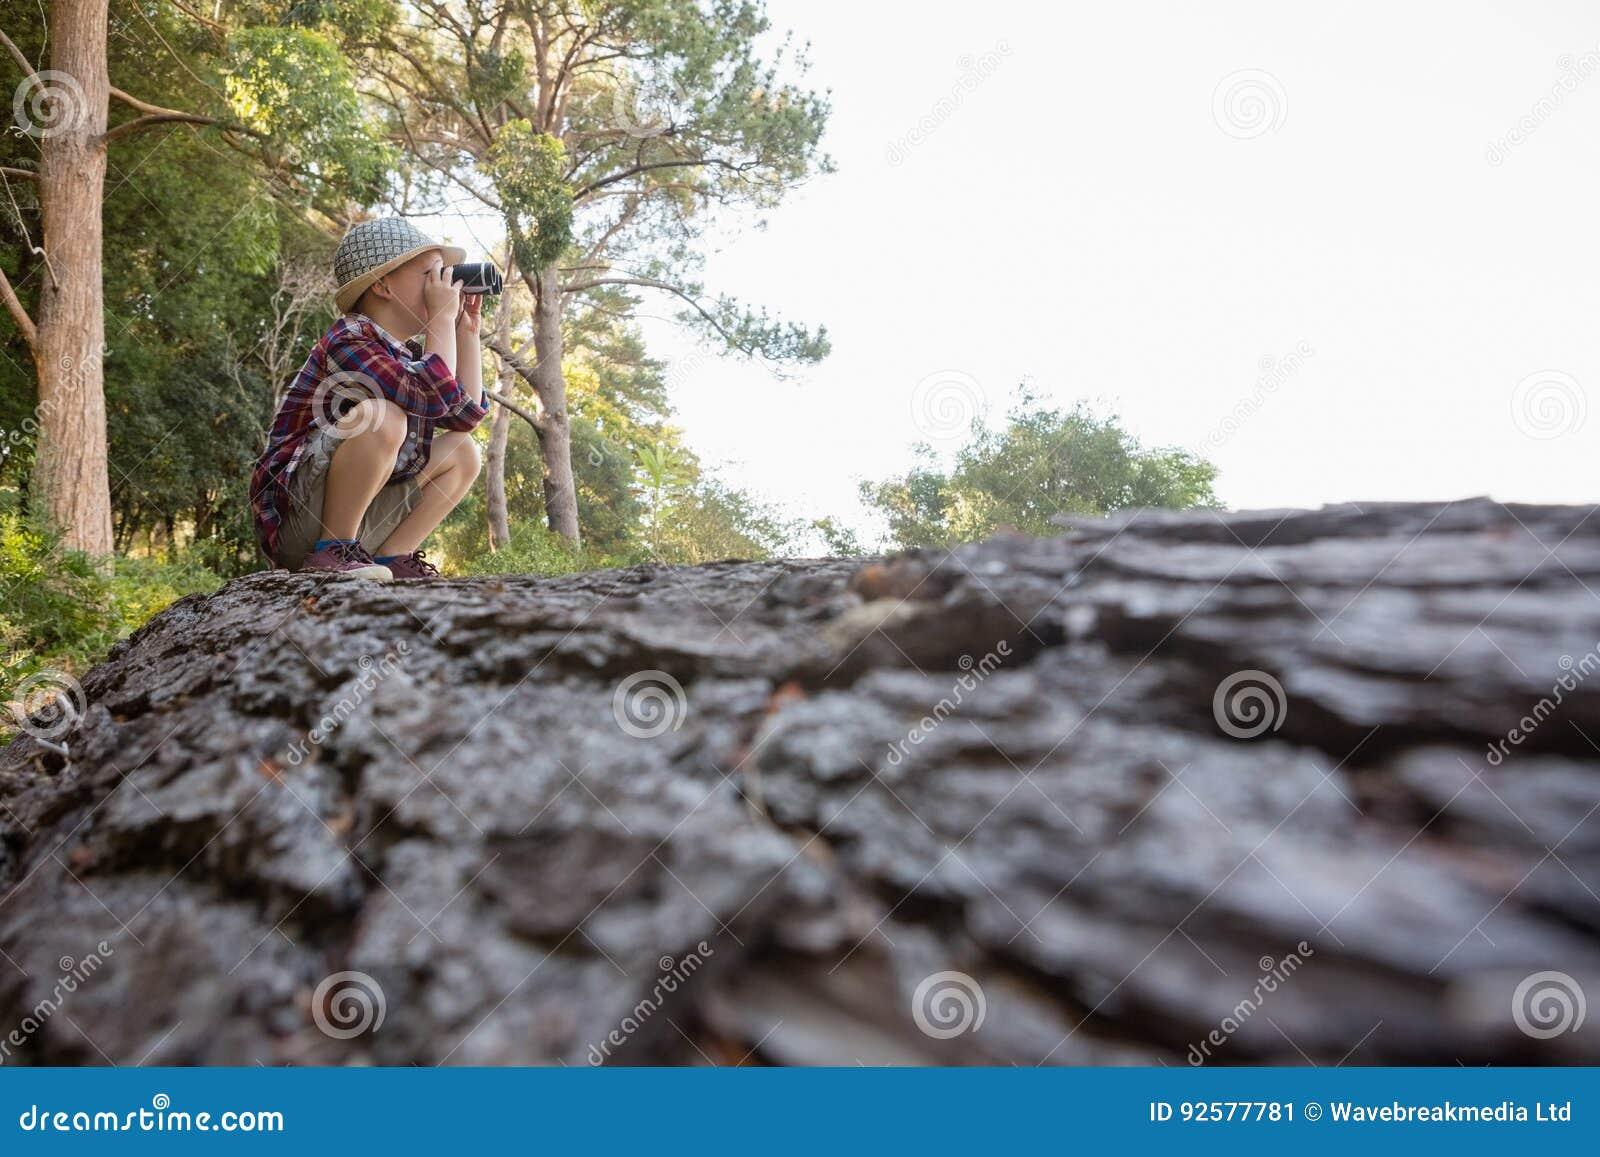 Junge der ferngläser im wald verwendet stockbild bild von wald